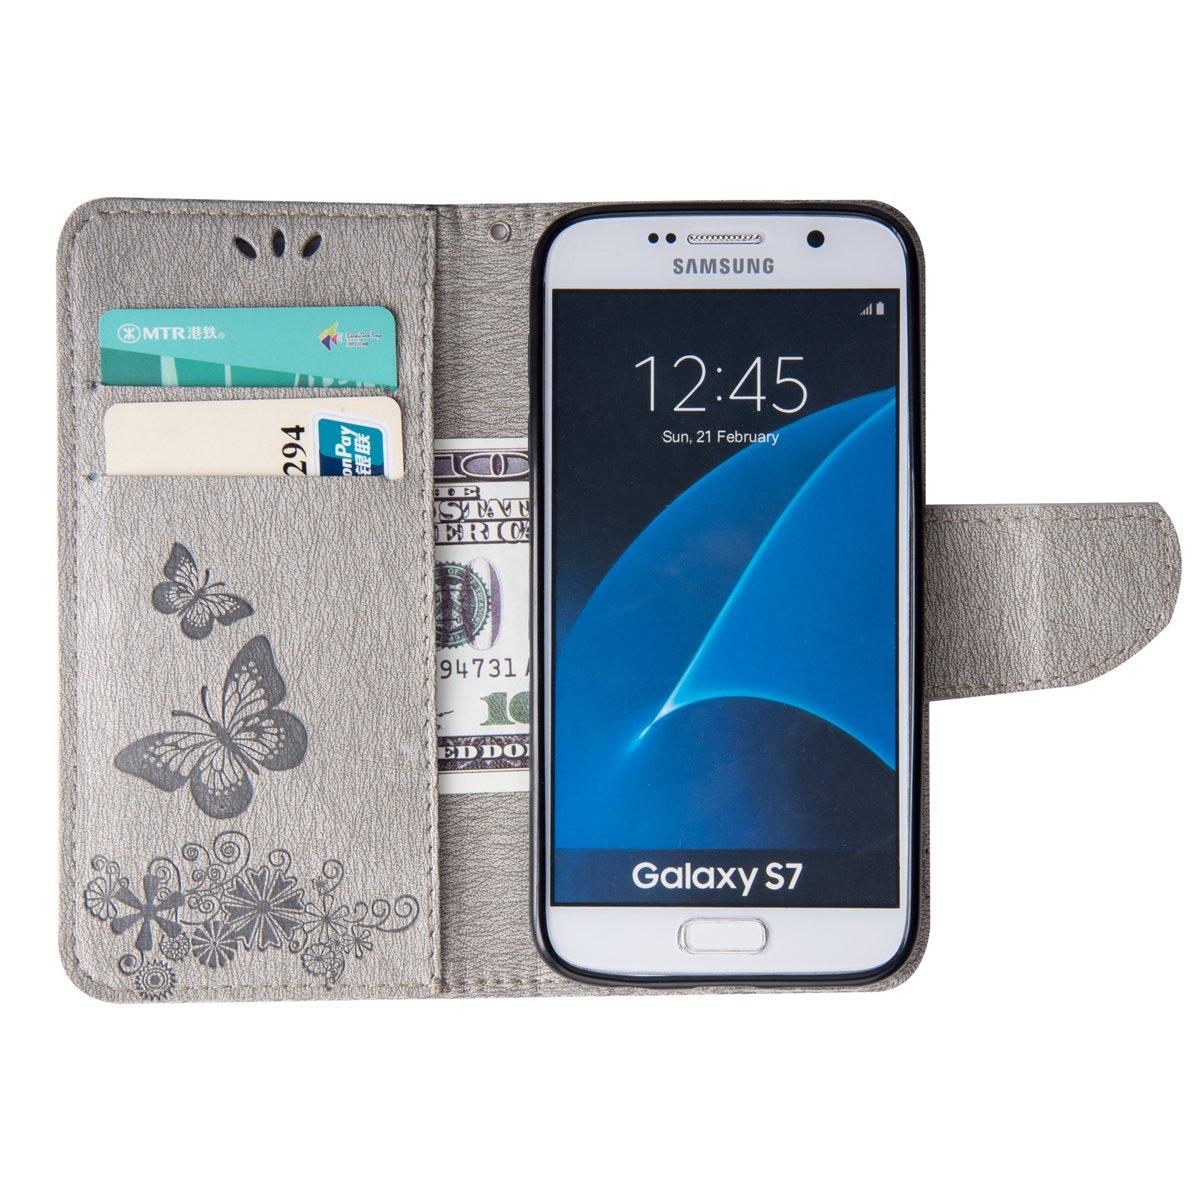 Lebenslange Garantie Grandoin Bling Glitzer Brieftasche-Stil f/ür Samsung Galaxy S7 Handytasche PU Leder Flip Cover Schutzh/ülle mit Aufstellfunktion St/änder Kartenfach Etui Case Galaxy S7 H/ülle